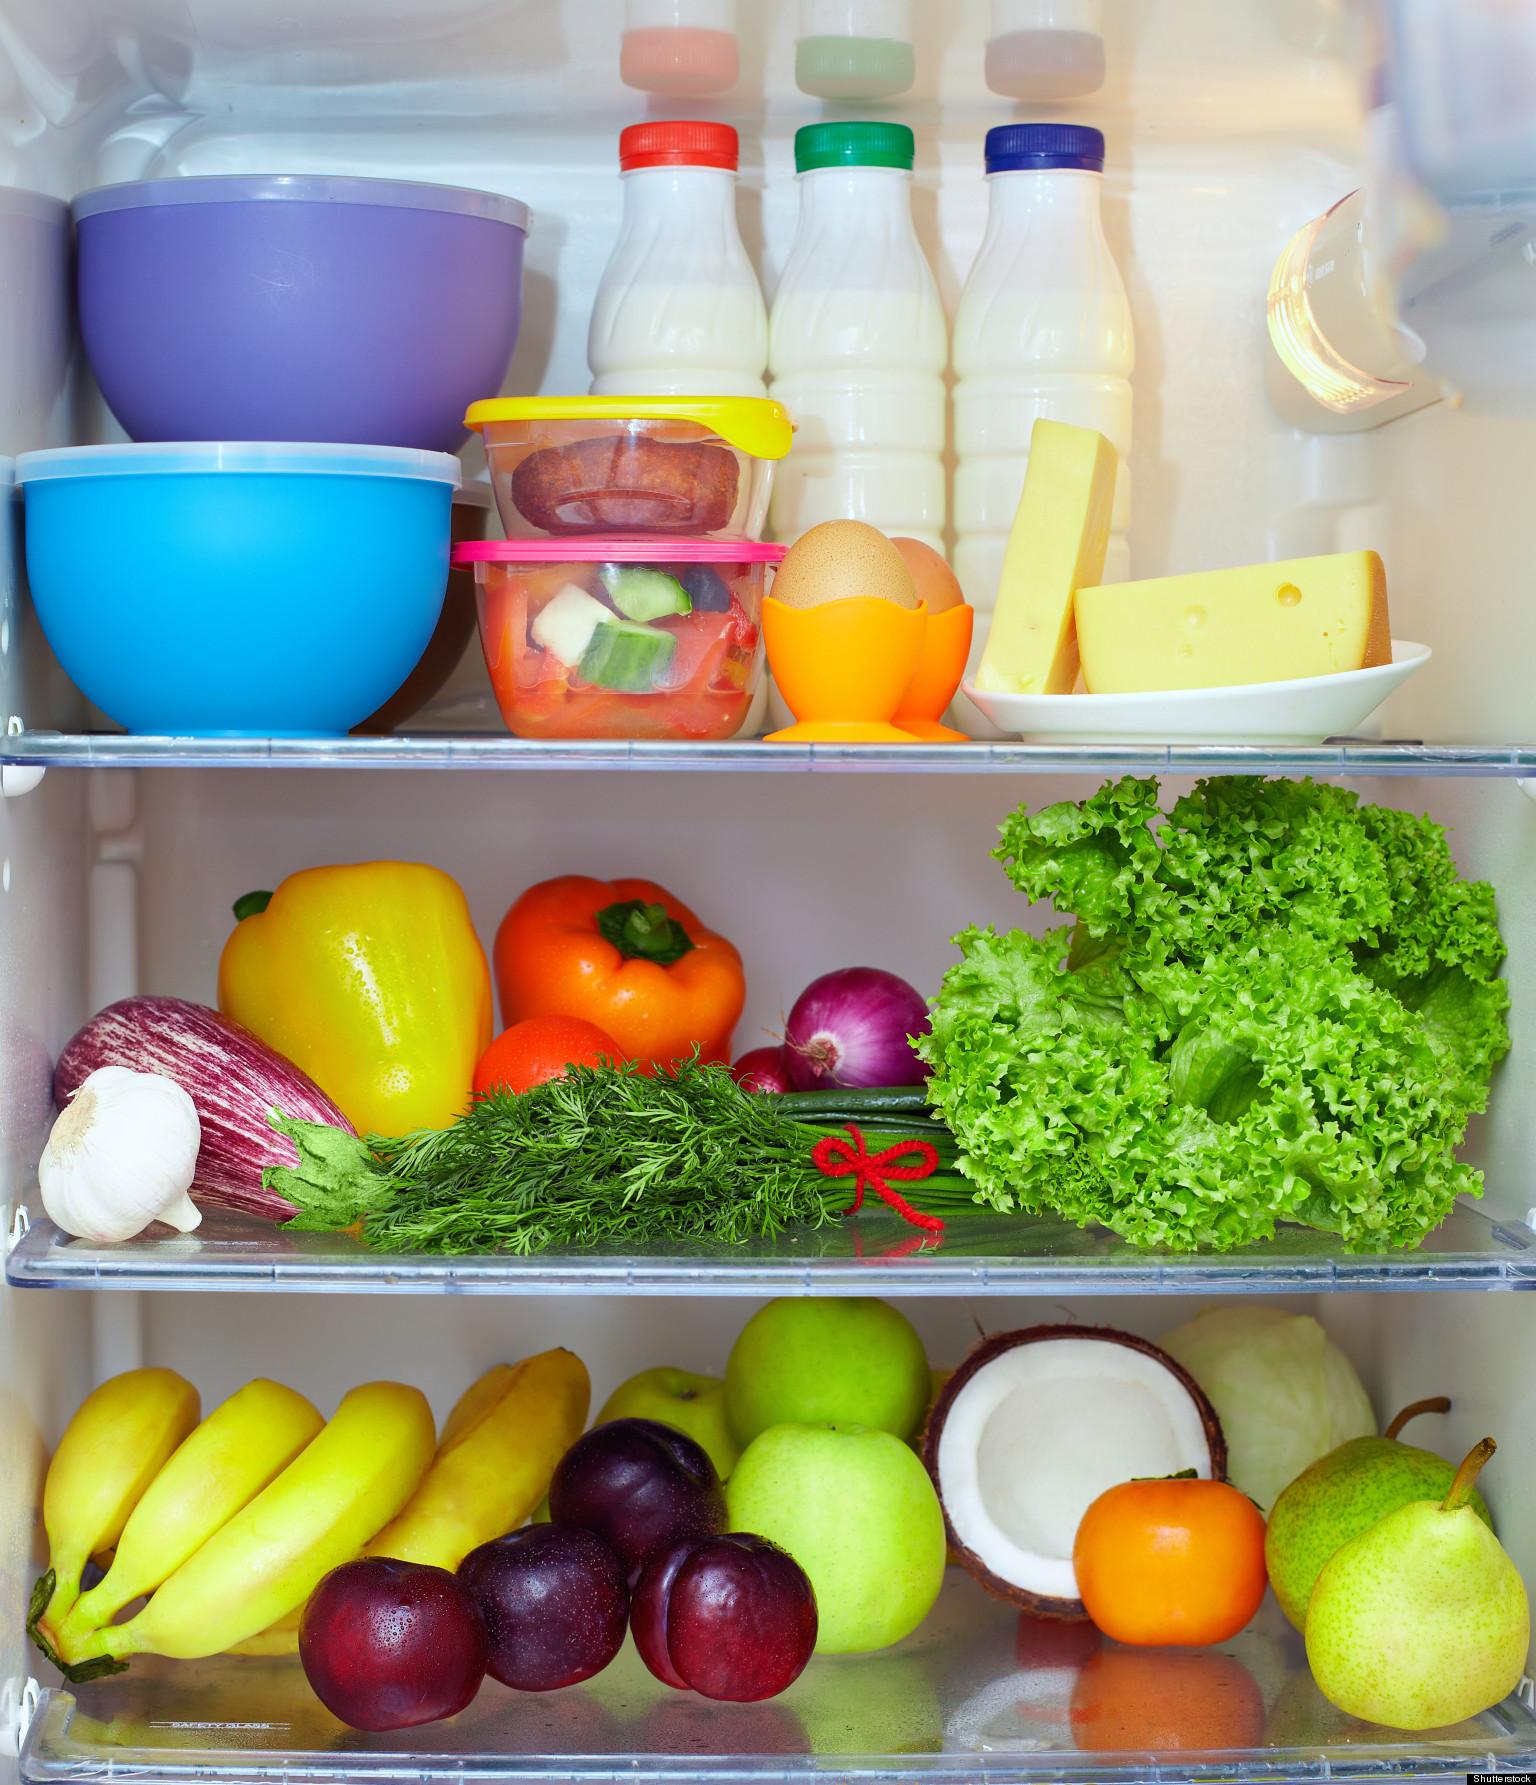 Higiene en la cocina y personal - Recipientes para alimentos ...